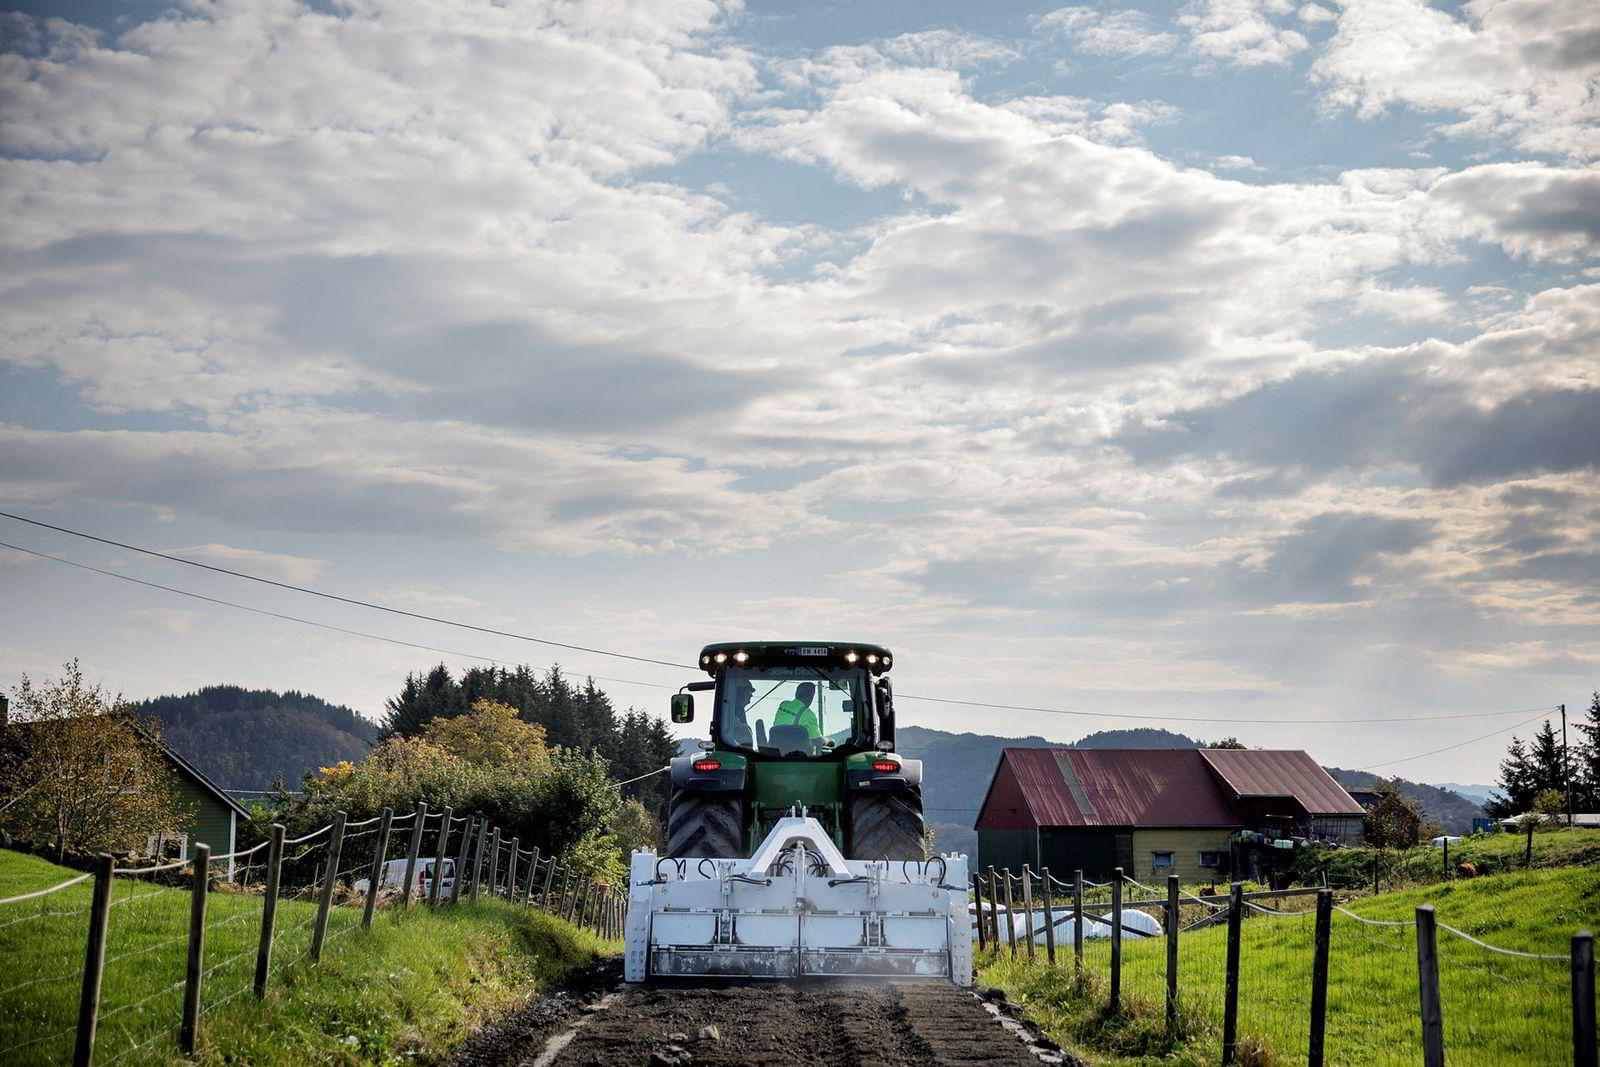 Lloyd Sundstøl har utviklet sin egen metode og egne maskiner for gjenbruk og bygging av ny vei, som knuser asfalt og stein i stedet for å kjøre det bort. Her i oppdrag for Lindås kommune, nord for Bergen.